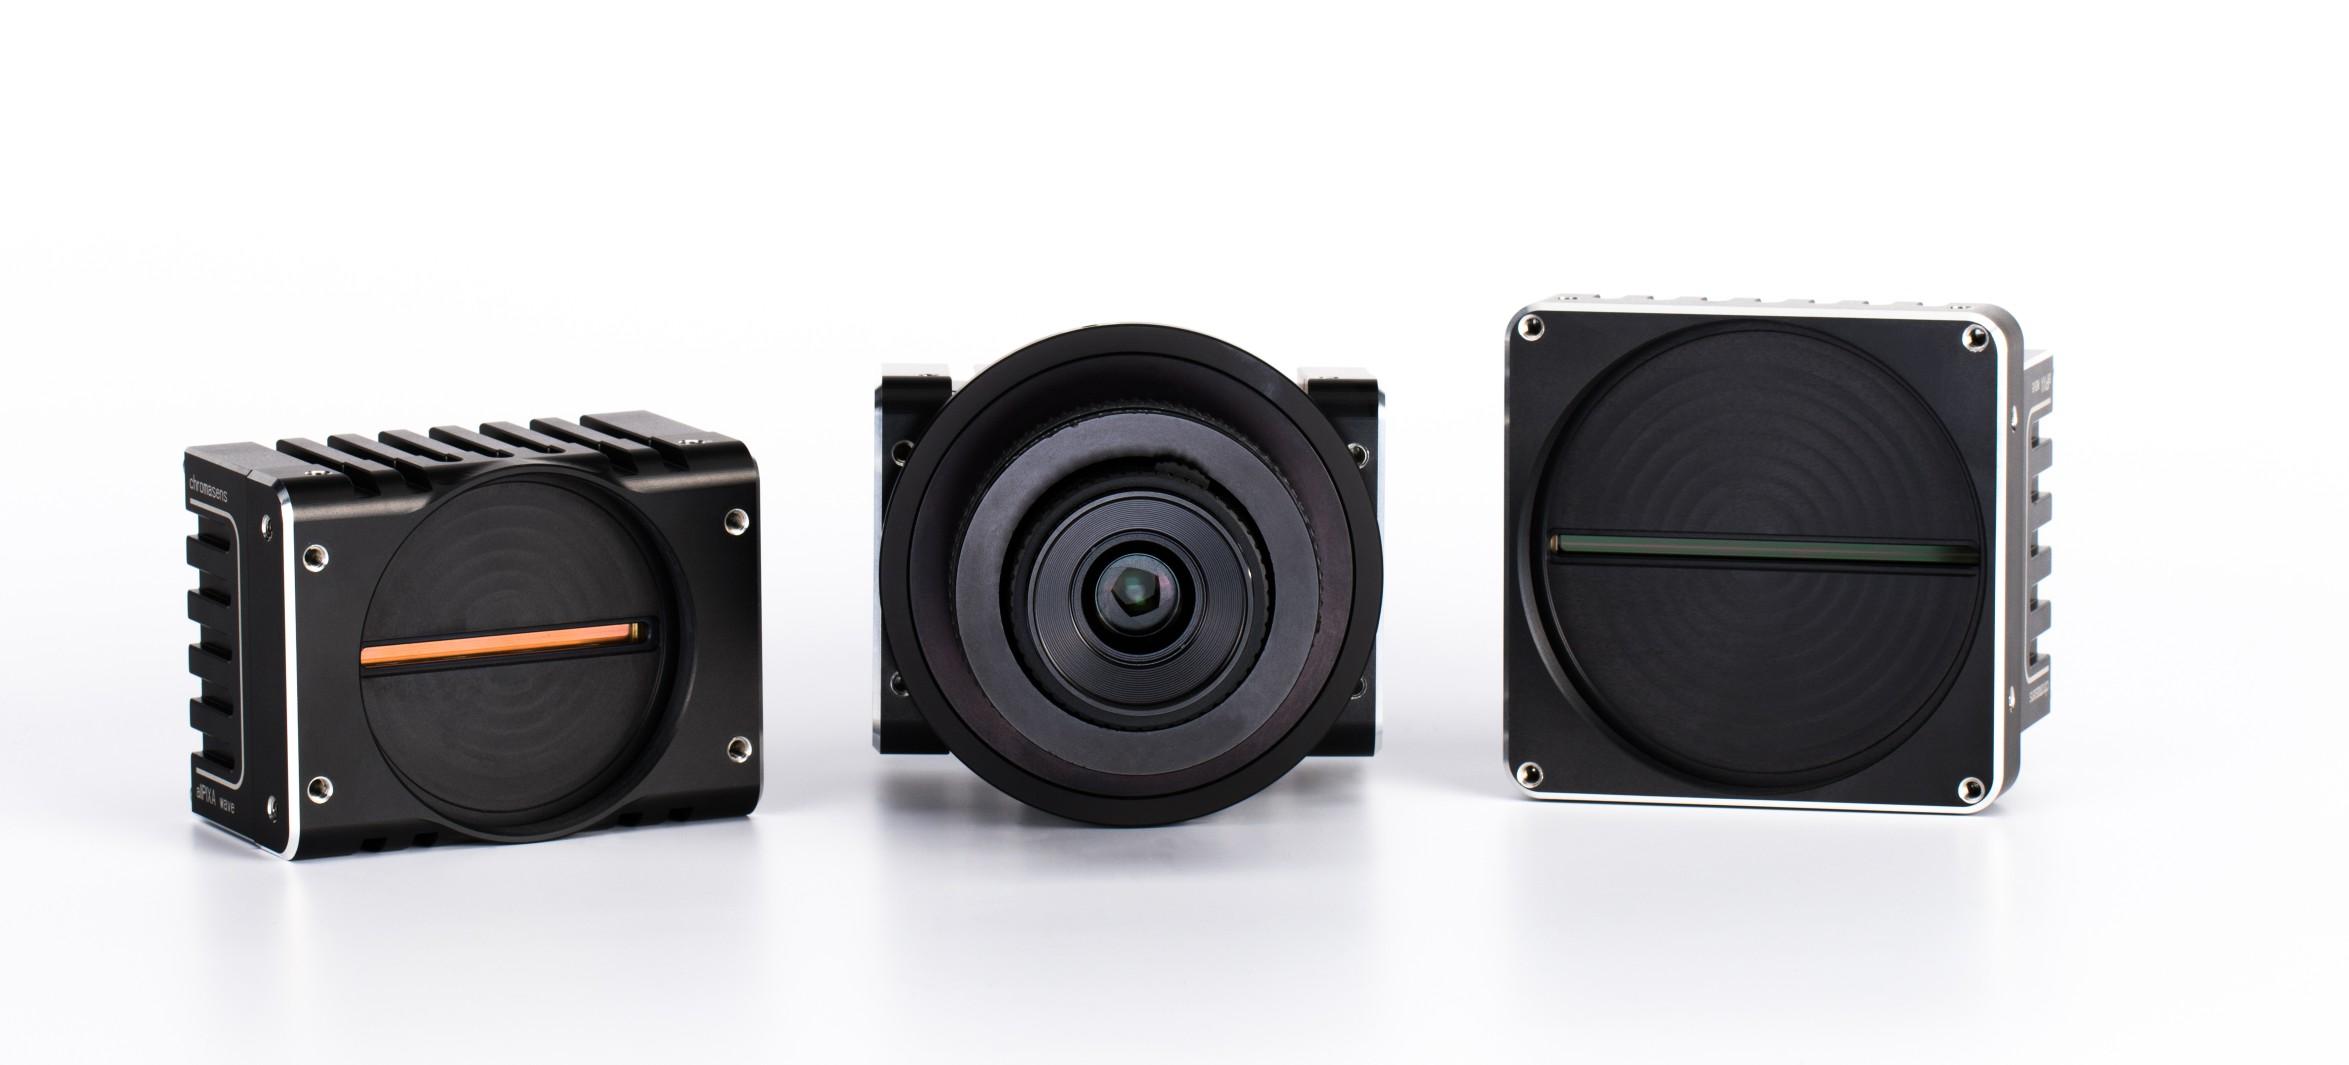 Zeilenkamera mit Dual 10GigE